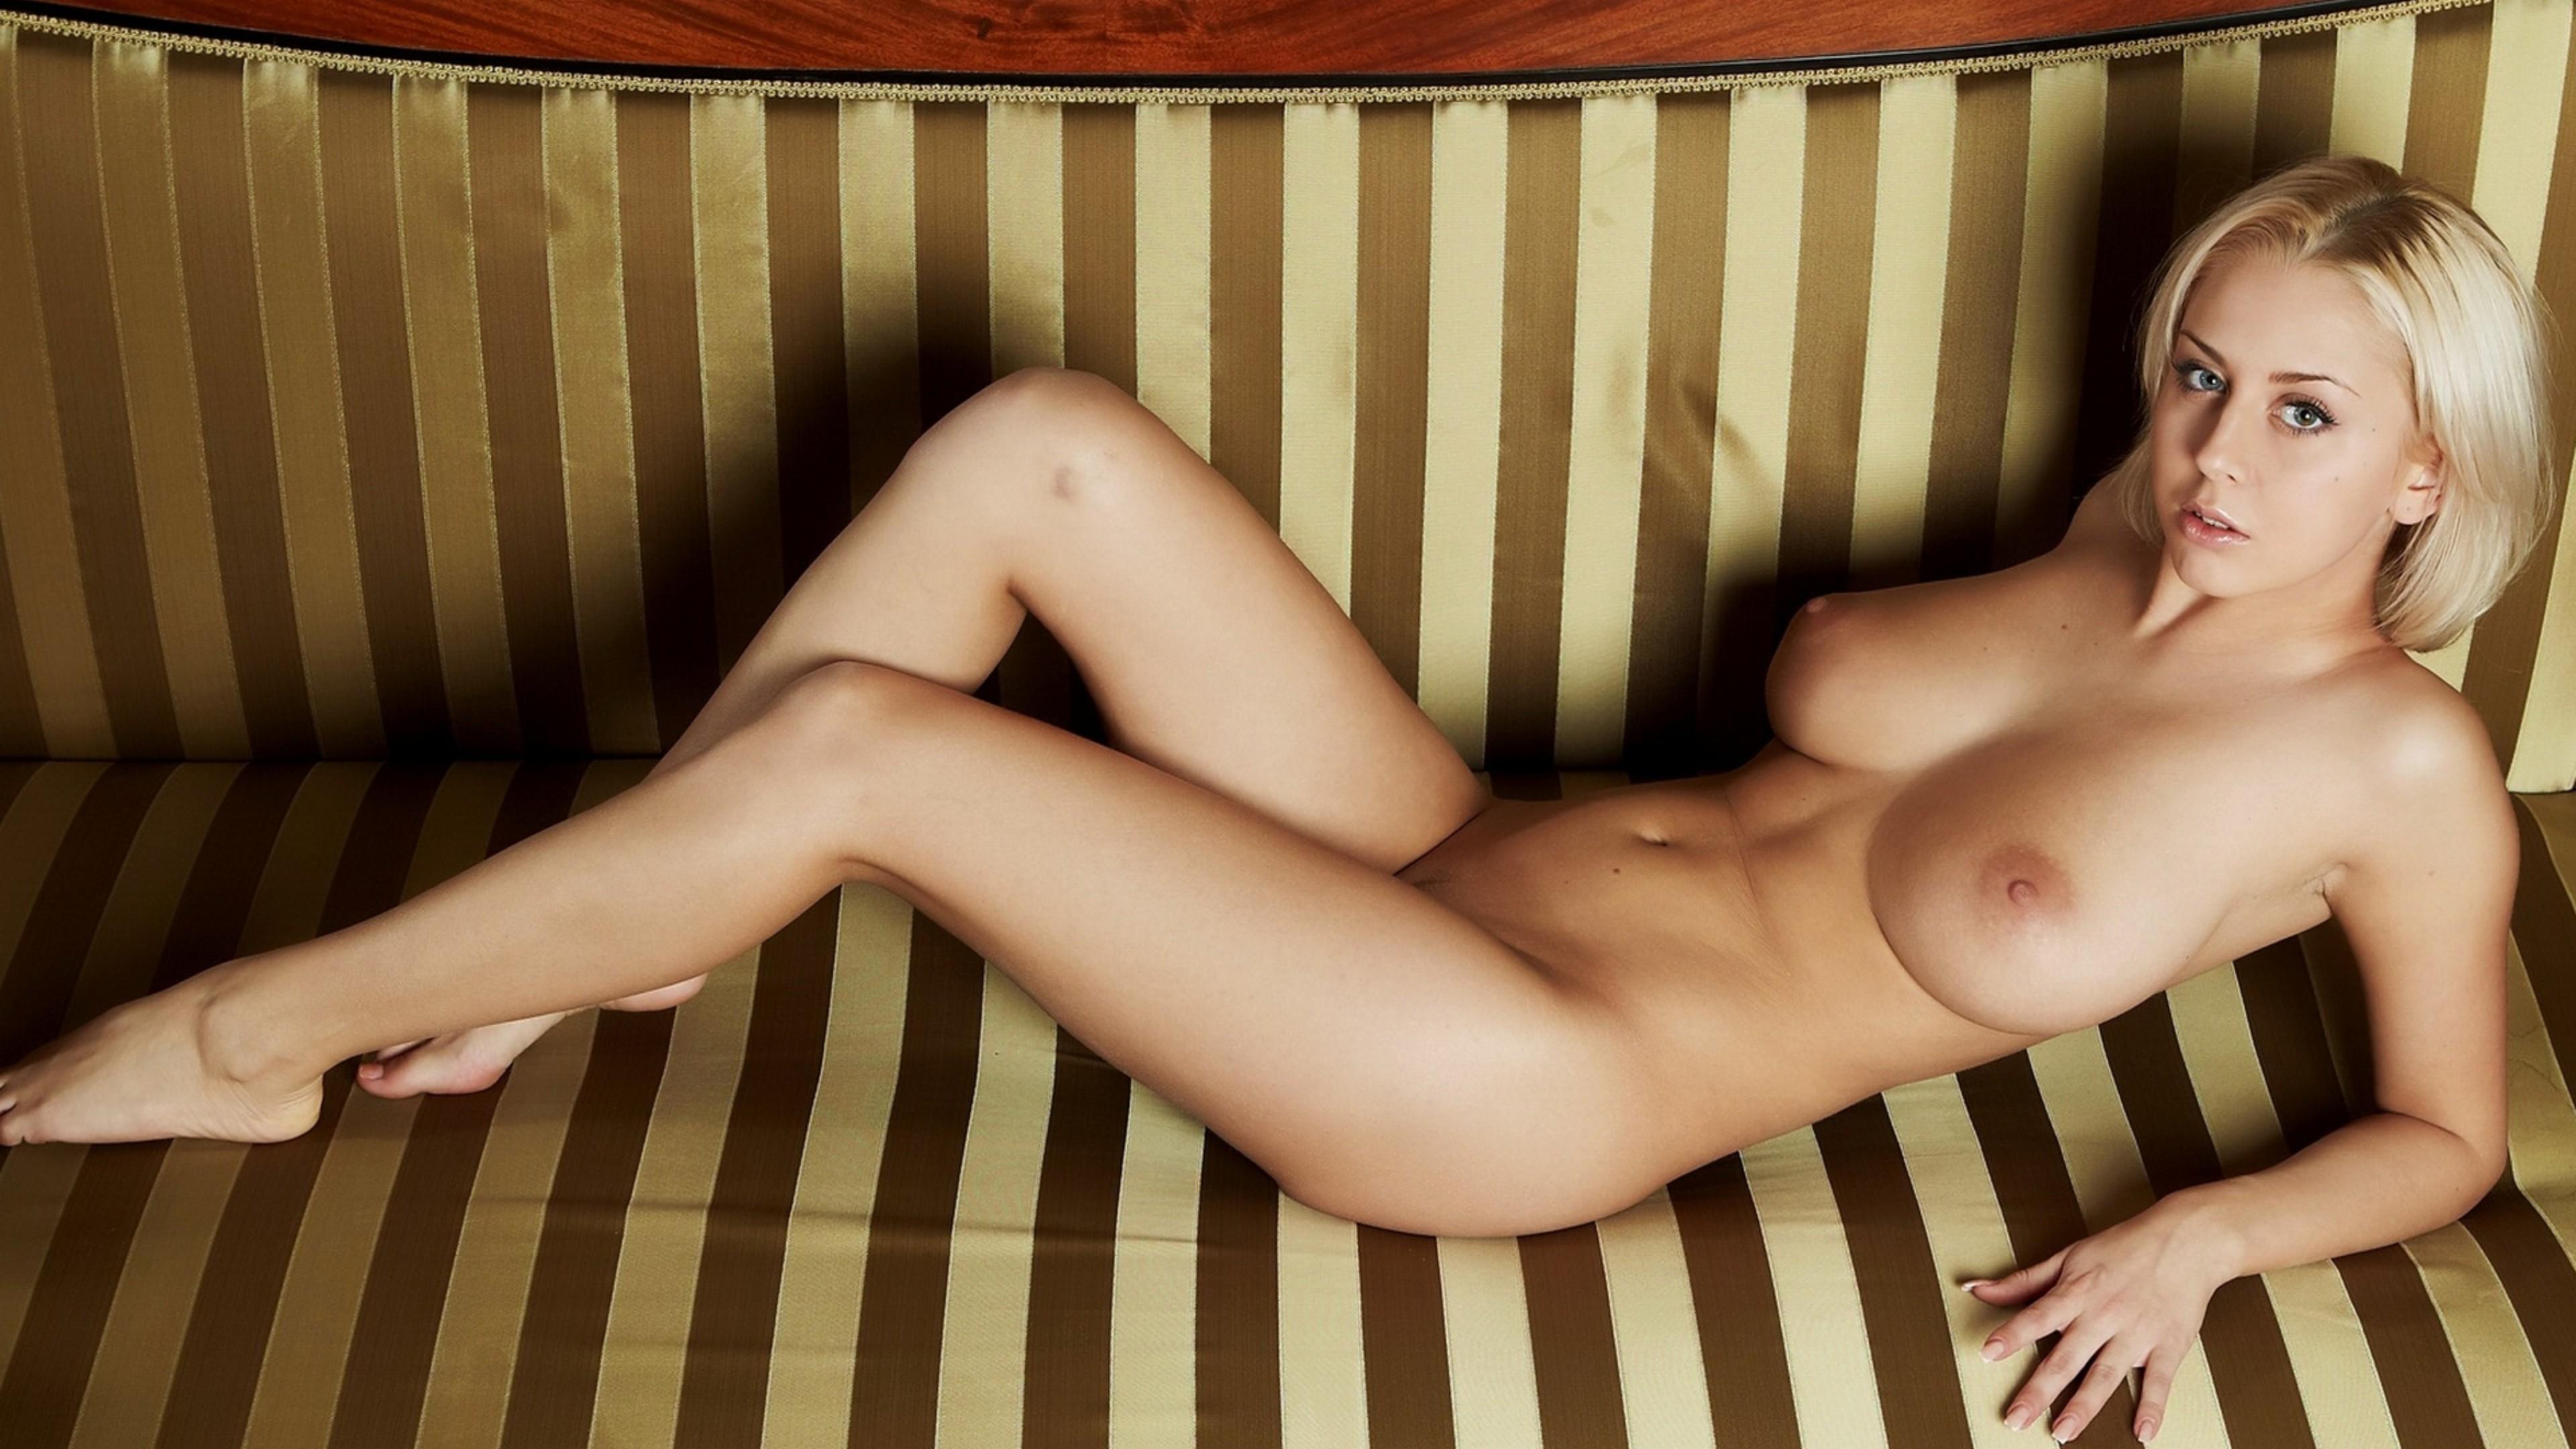 Эро фото полина гагарина, Голая Полина Гагарина эксклюзивные фотографии 18 фотография